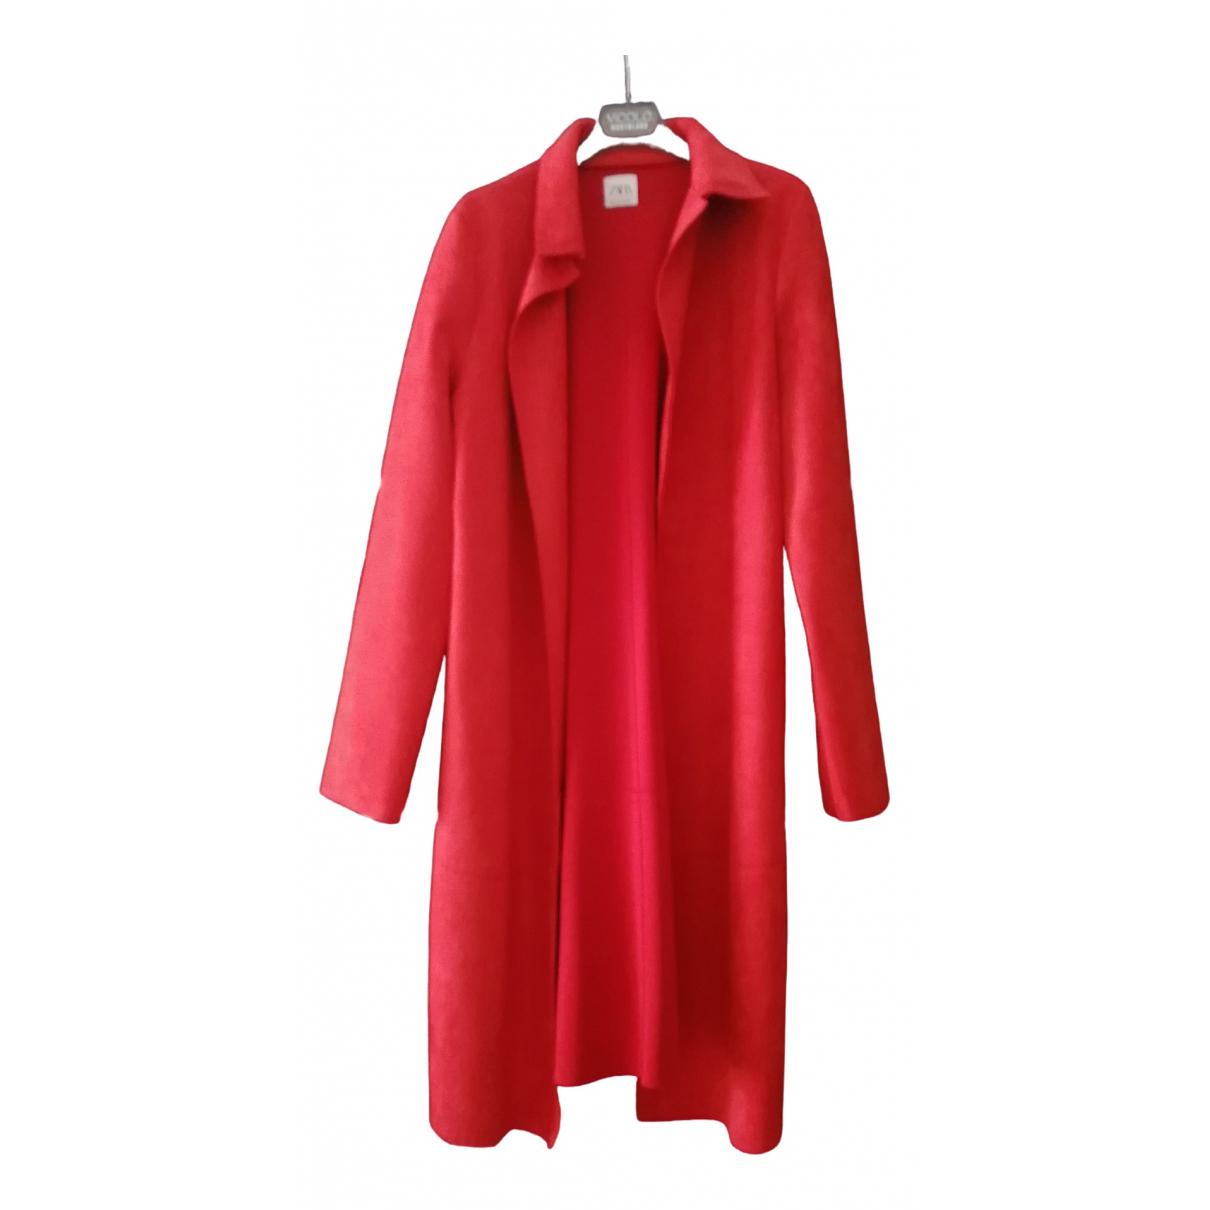 Zara \N Red coat for Women S International